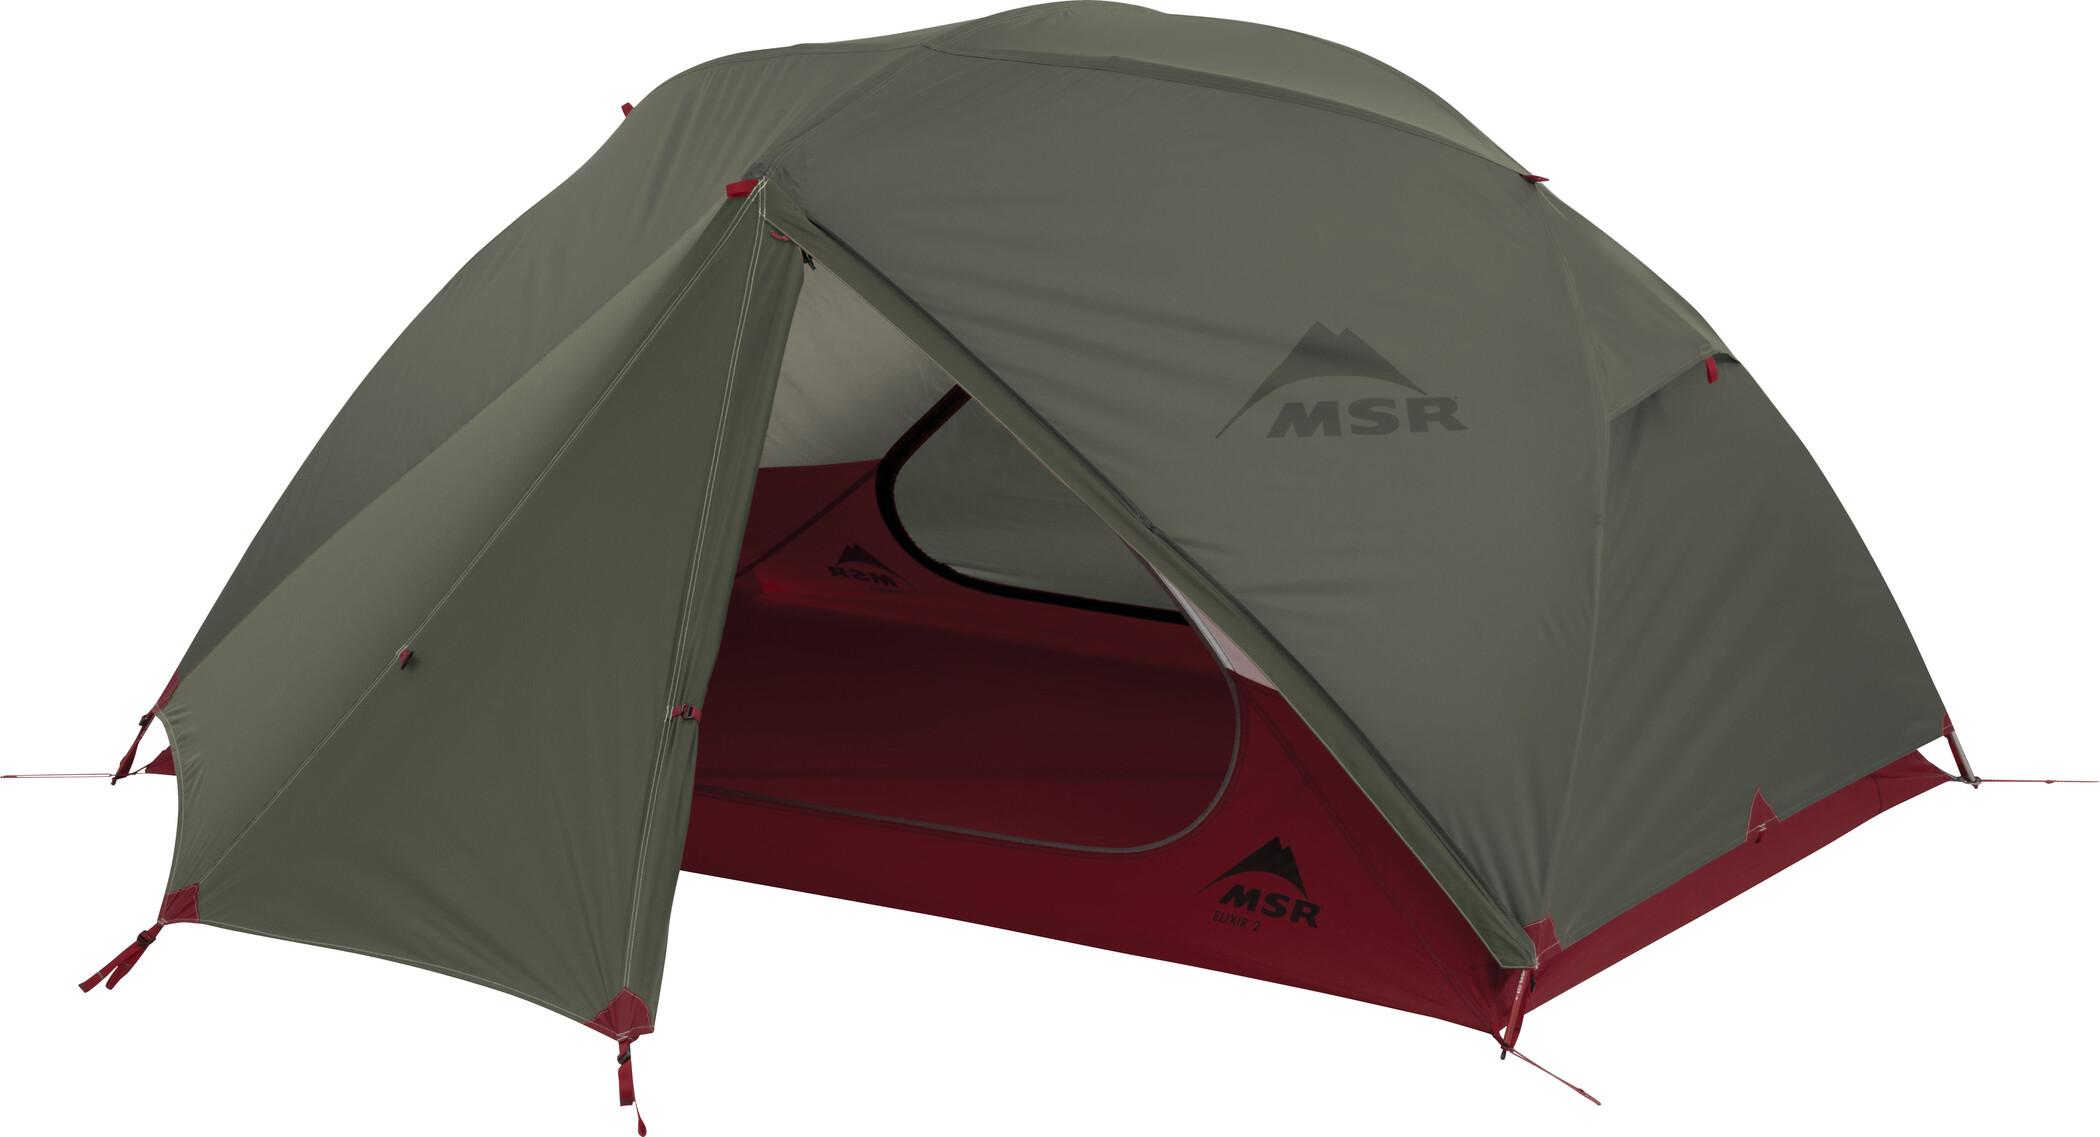 MSR Elixir 2 V2 Telt, green (2019) | Misc. Transportation and Storage